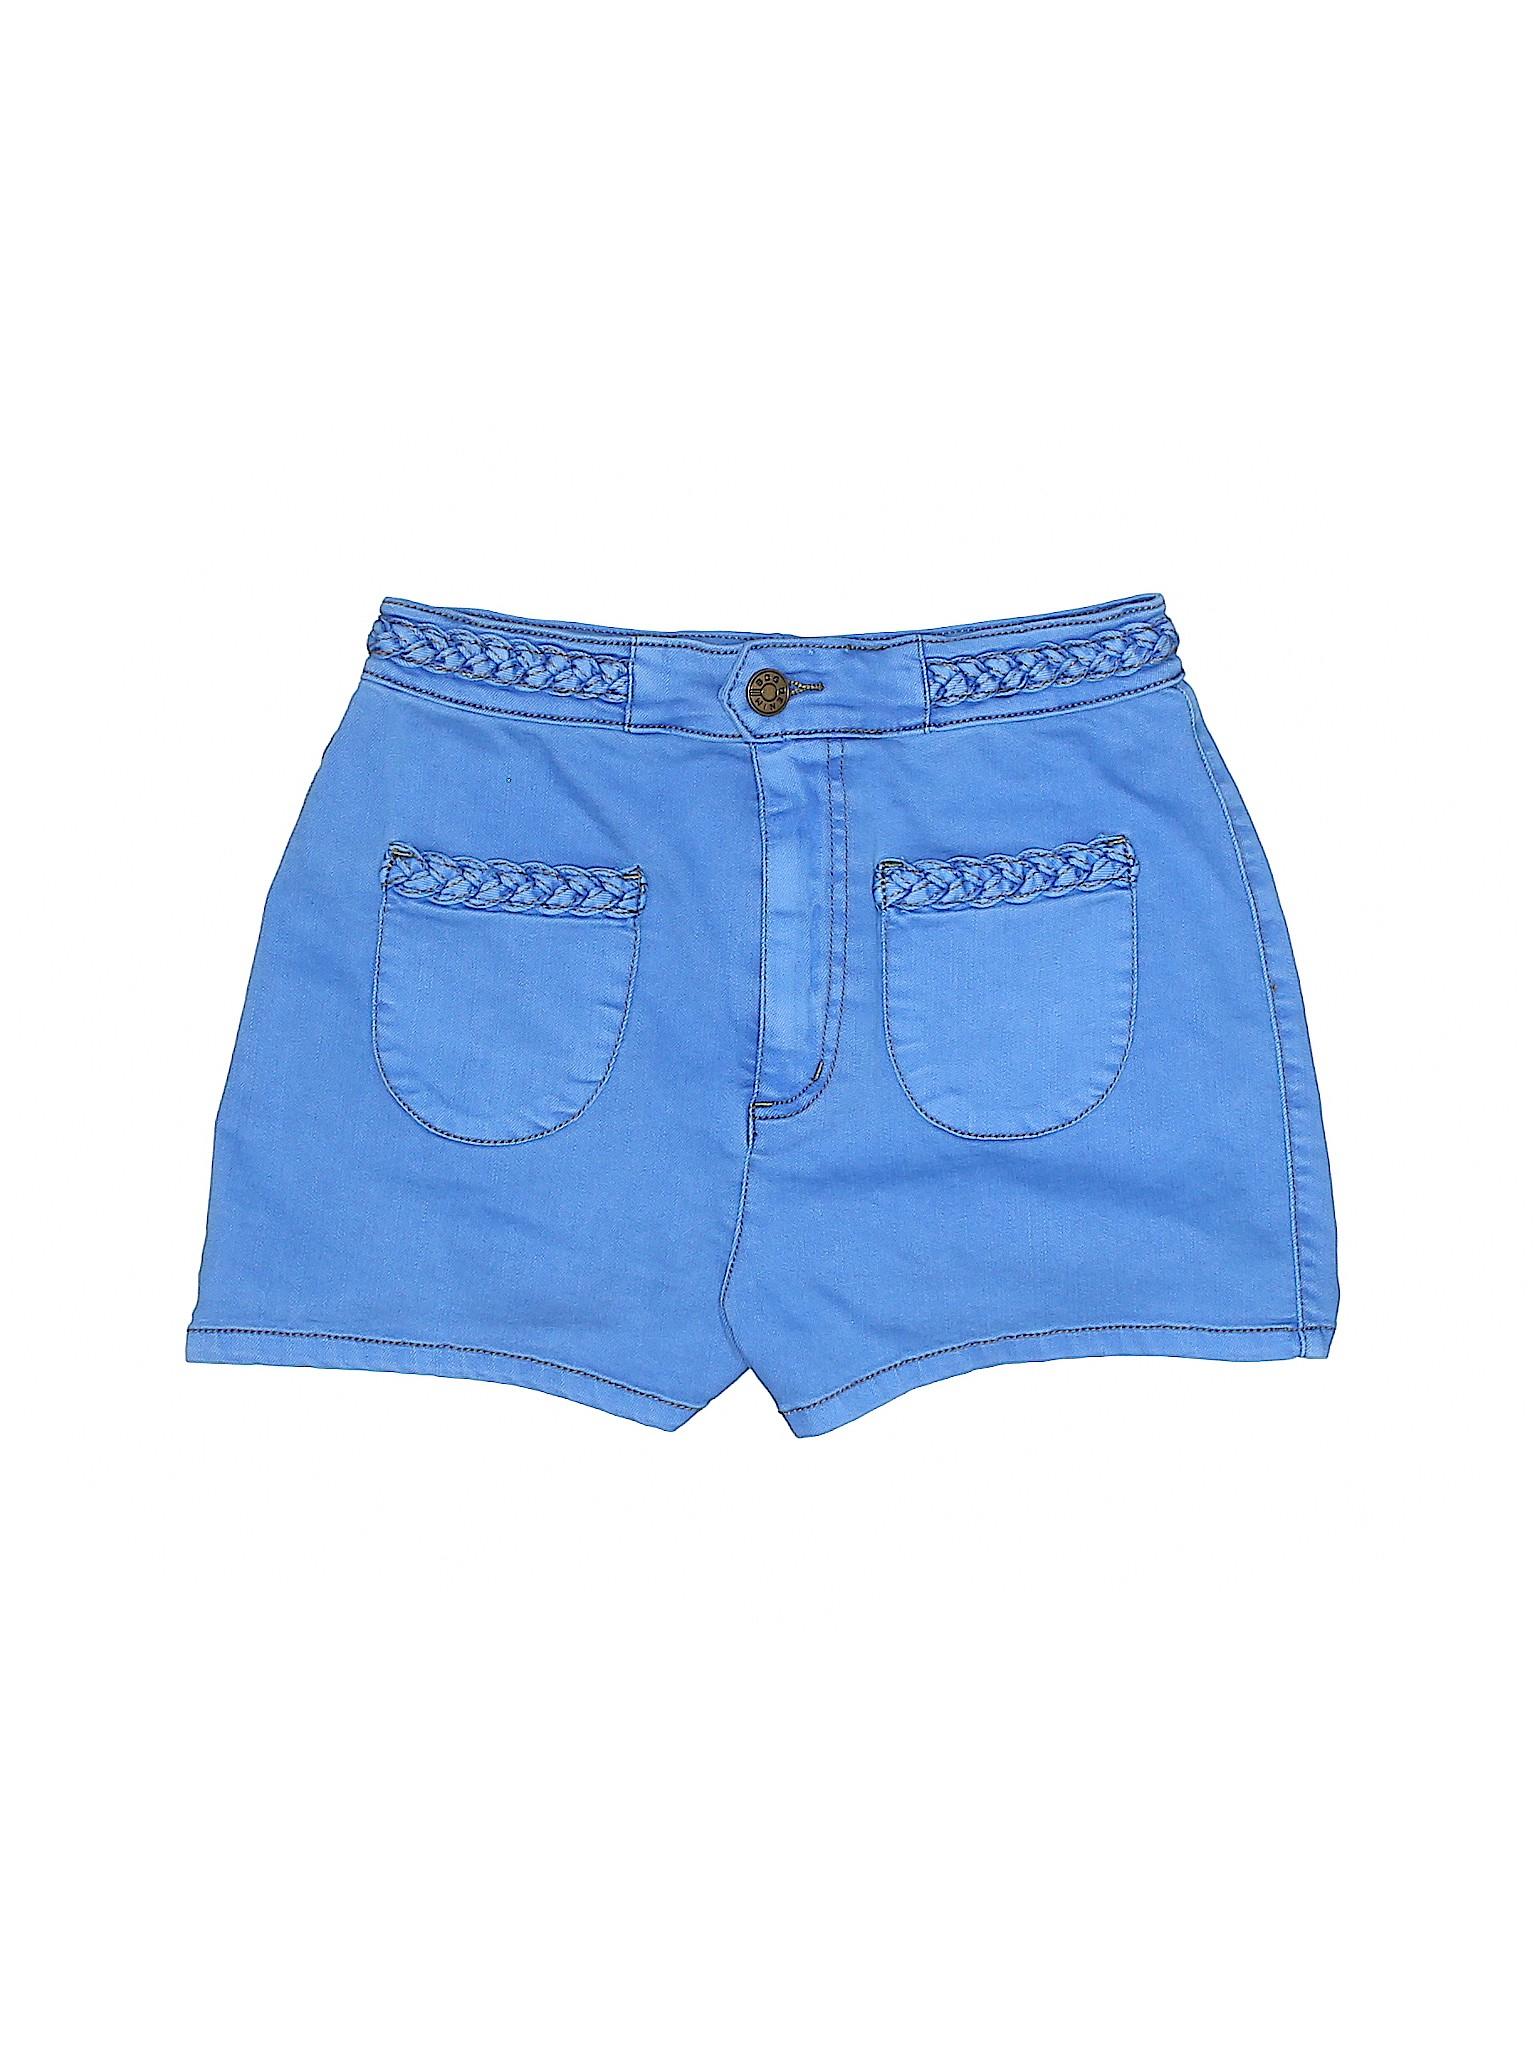 BDG Denim BDG Boutique Boutique BDG Boutique Denim Boutique Shorts Denim BDG Denim Shorts Shorts qw0AZUx